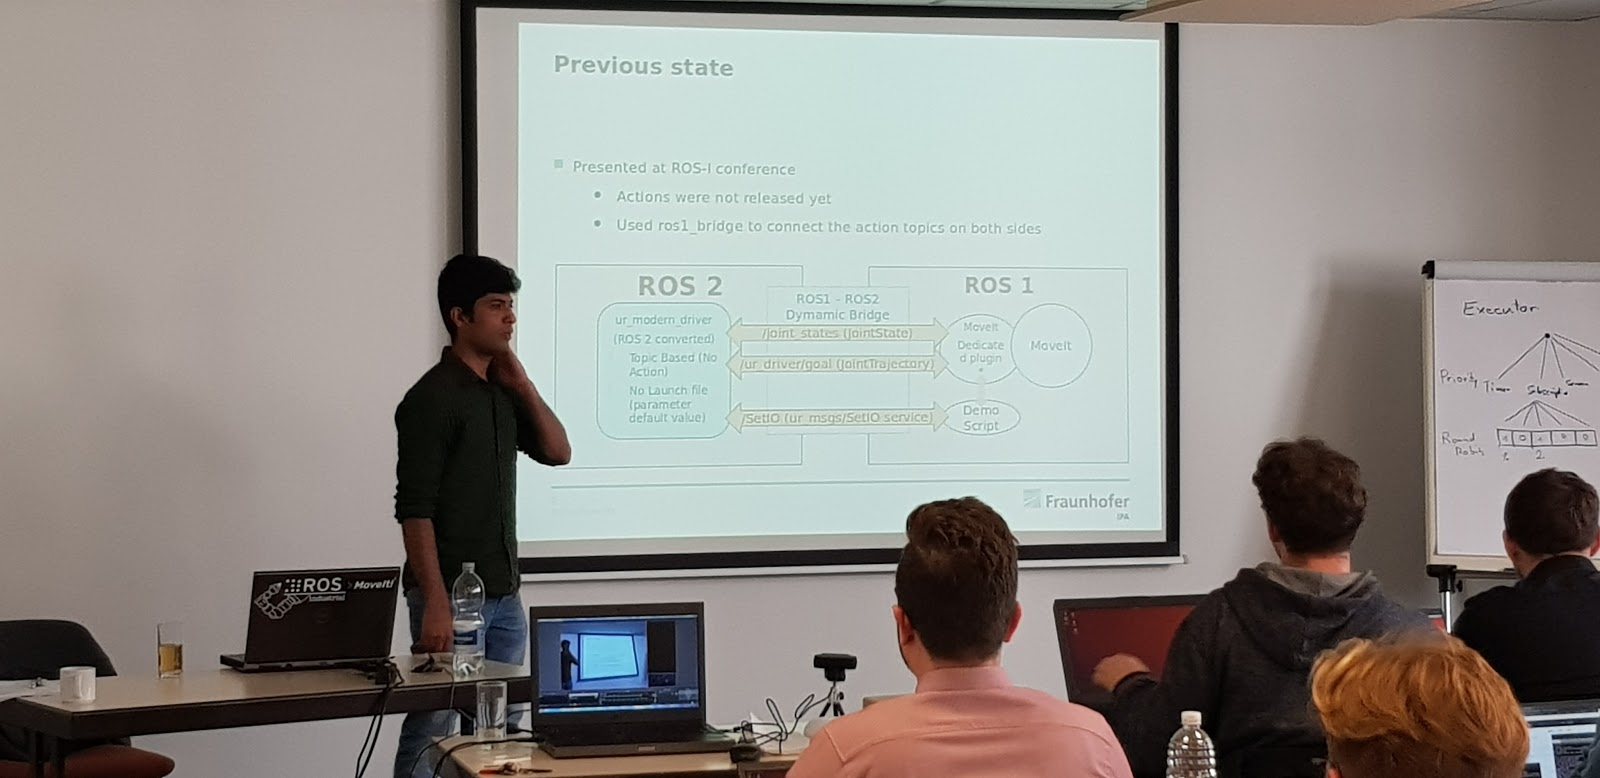 ROS-Industrial Consortium Europe is heading towards ROS2